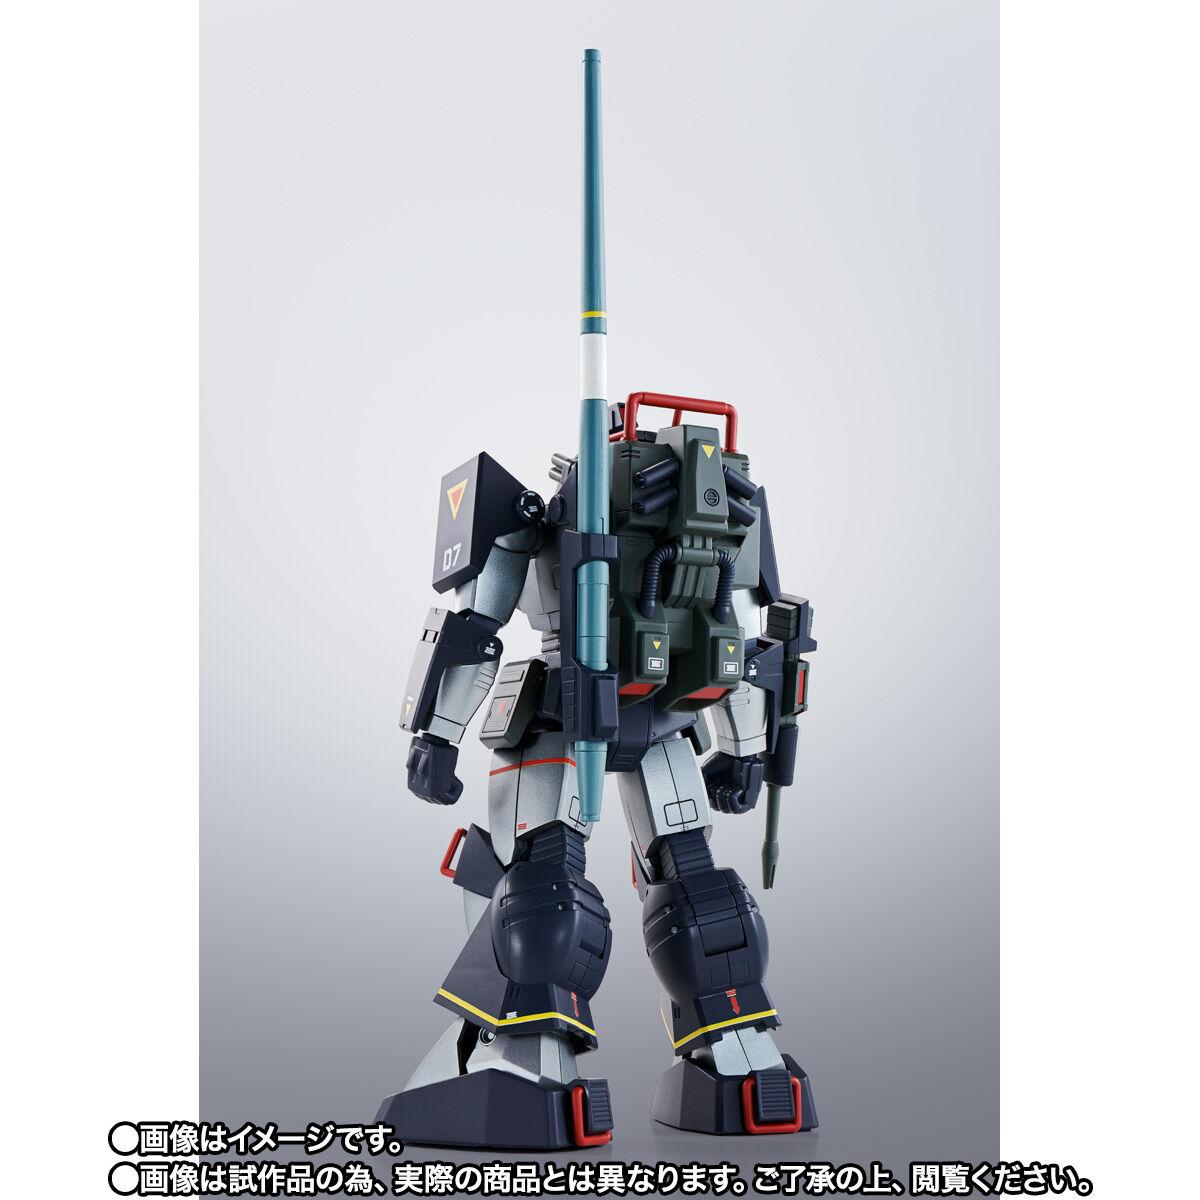 【限定販売】HI-METAL R『ダグラム & インステッド 40th Anniv.』太陽の牙ダグラム 可動フィギュア-005